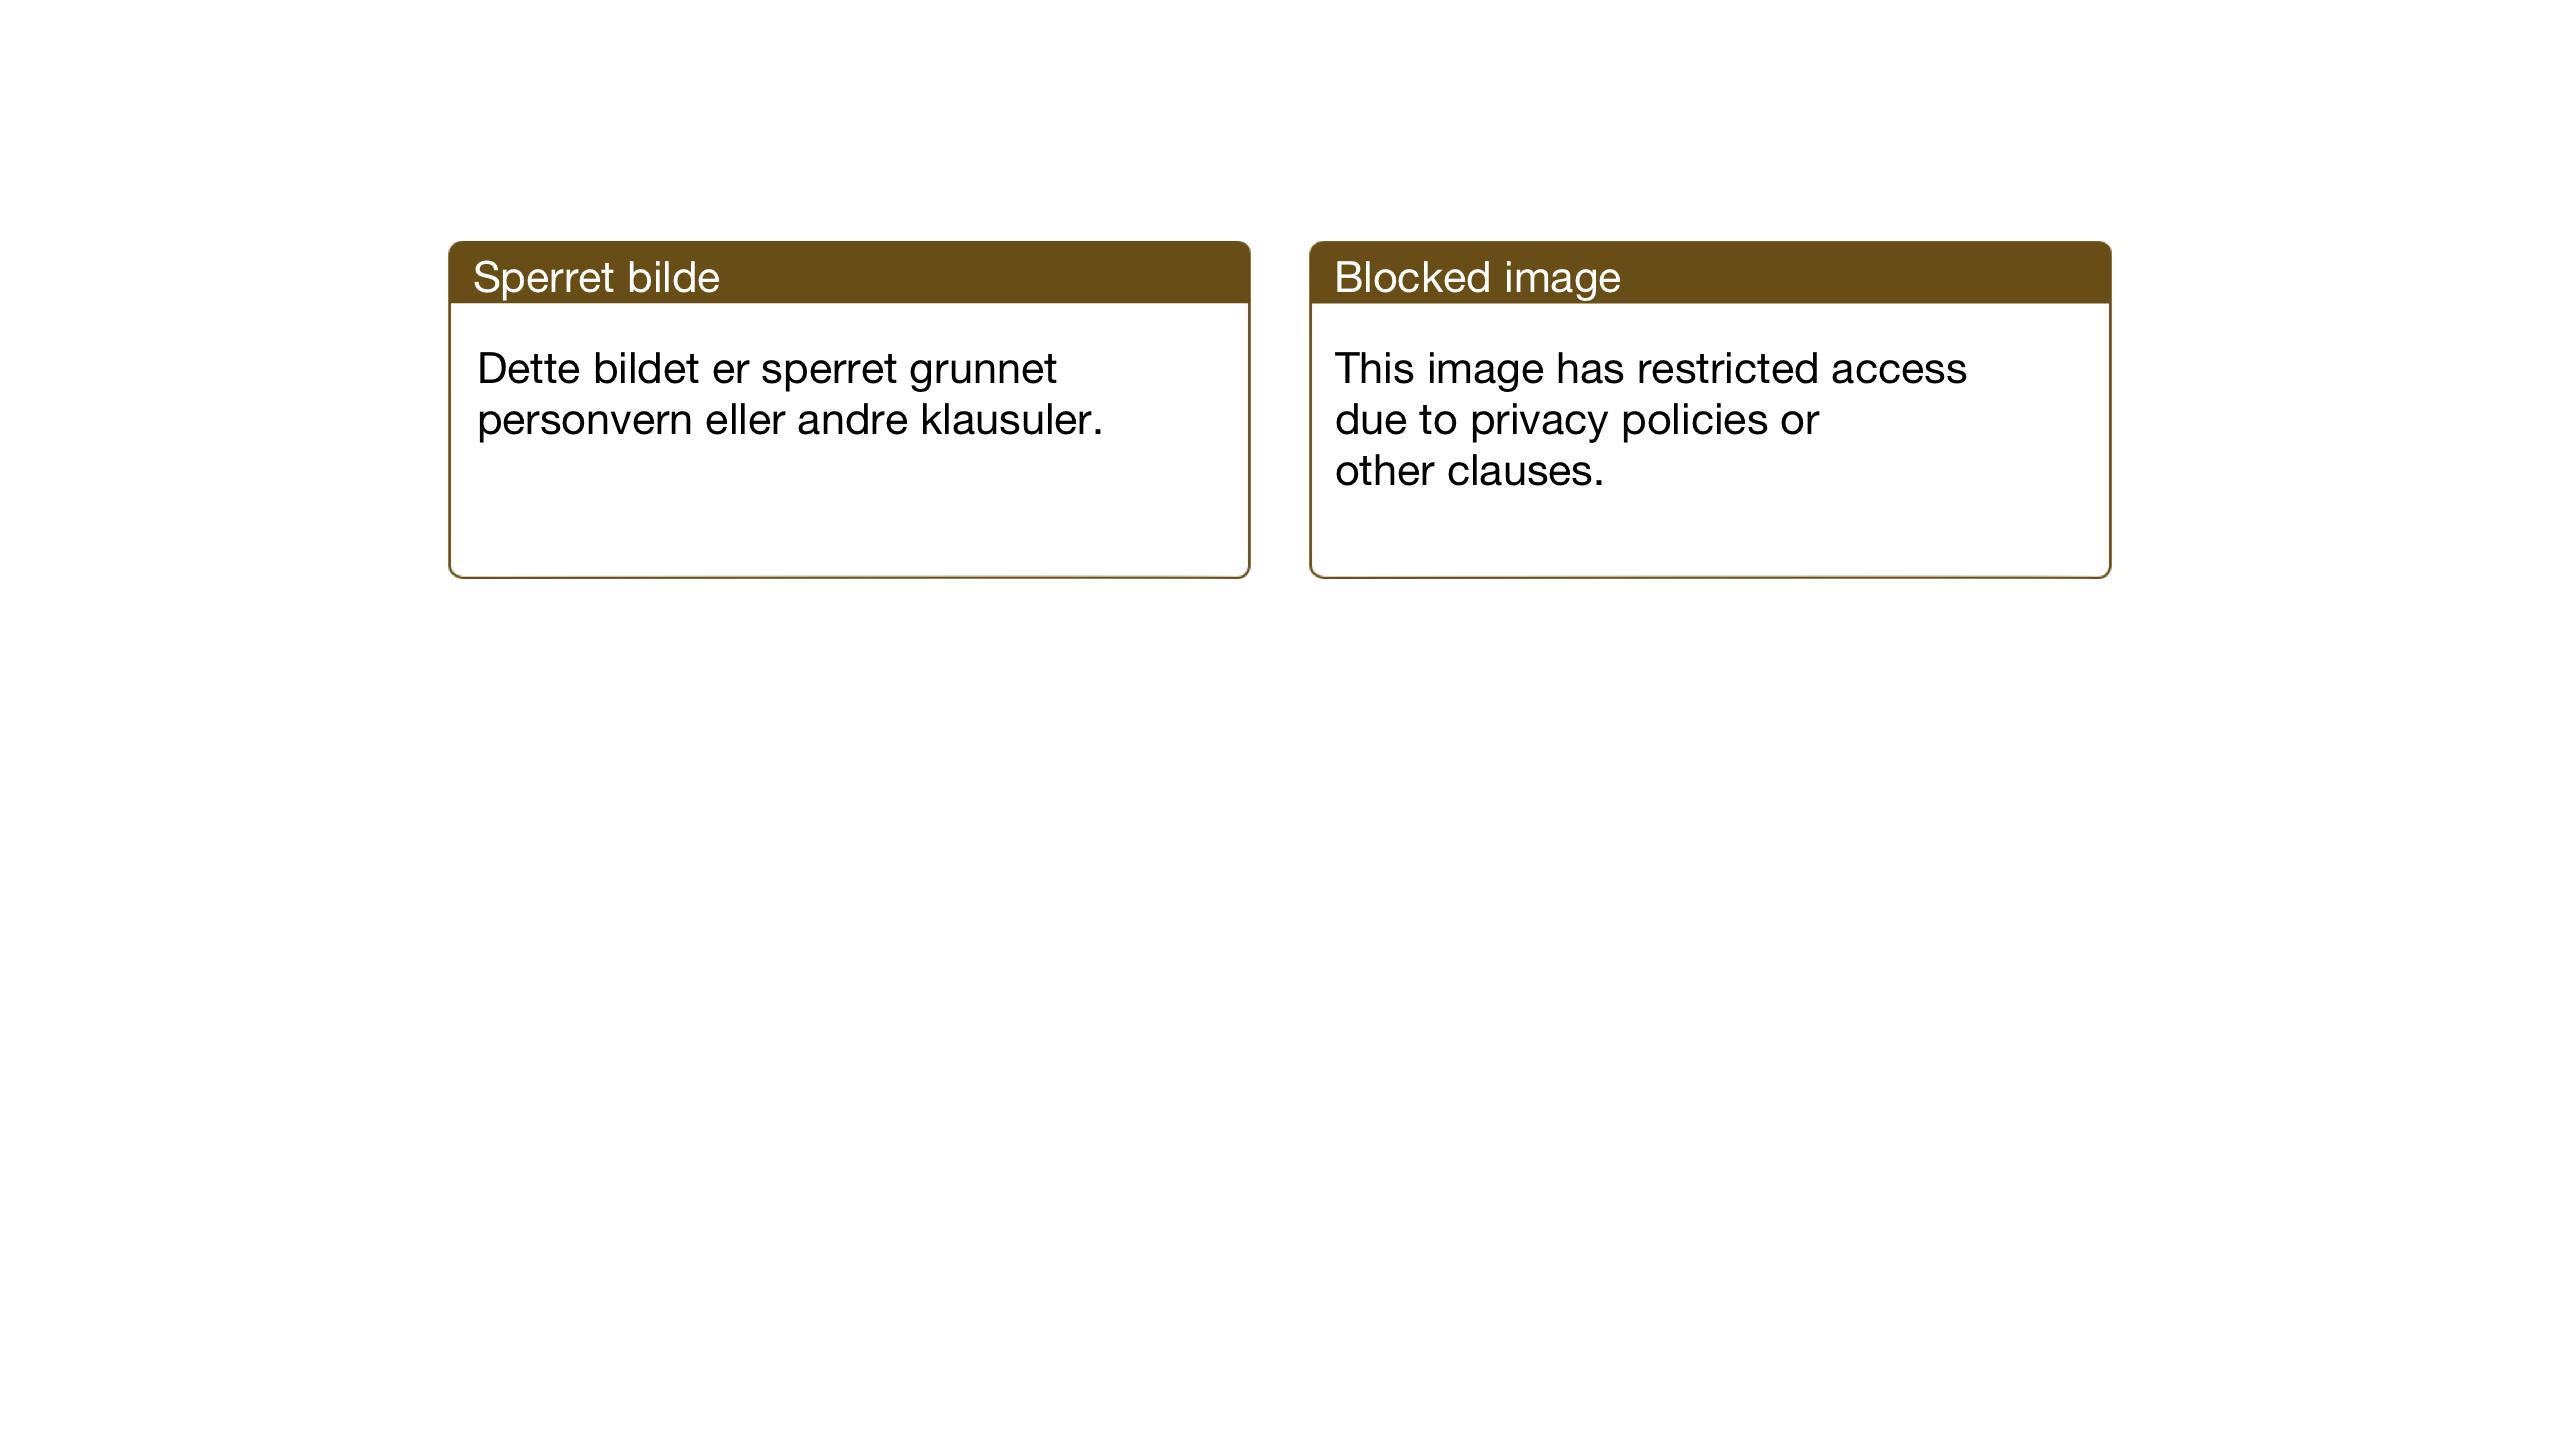 SAT, Ministerialprotokoller, klokkerbøker og fødselsregistre - Nord-Trøndelag, 710/L0097: Klokkerbok nr. 710C02, 1925-1955, s. 16